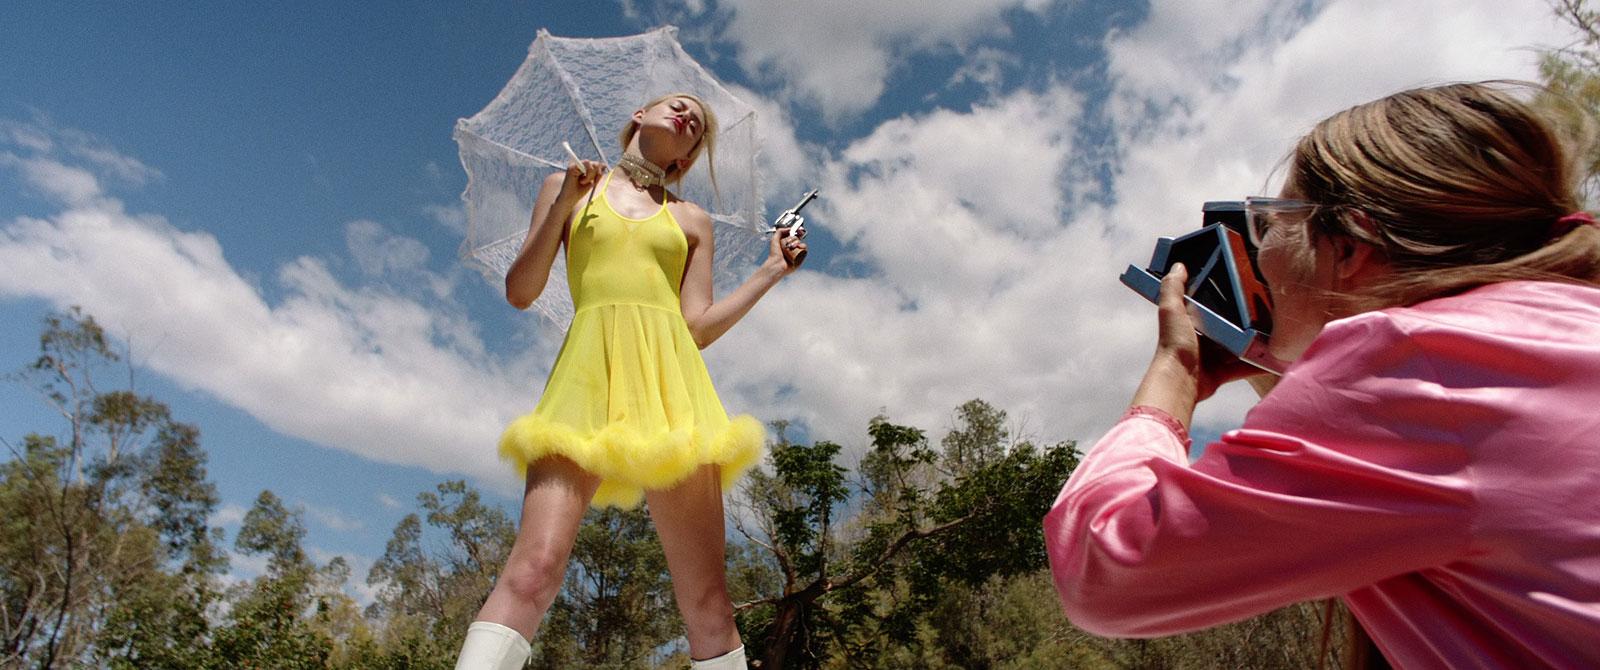 vrouw maakt polaroid foto van meisje in geel jurkje